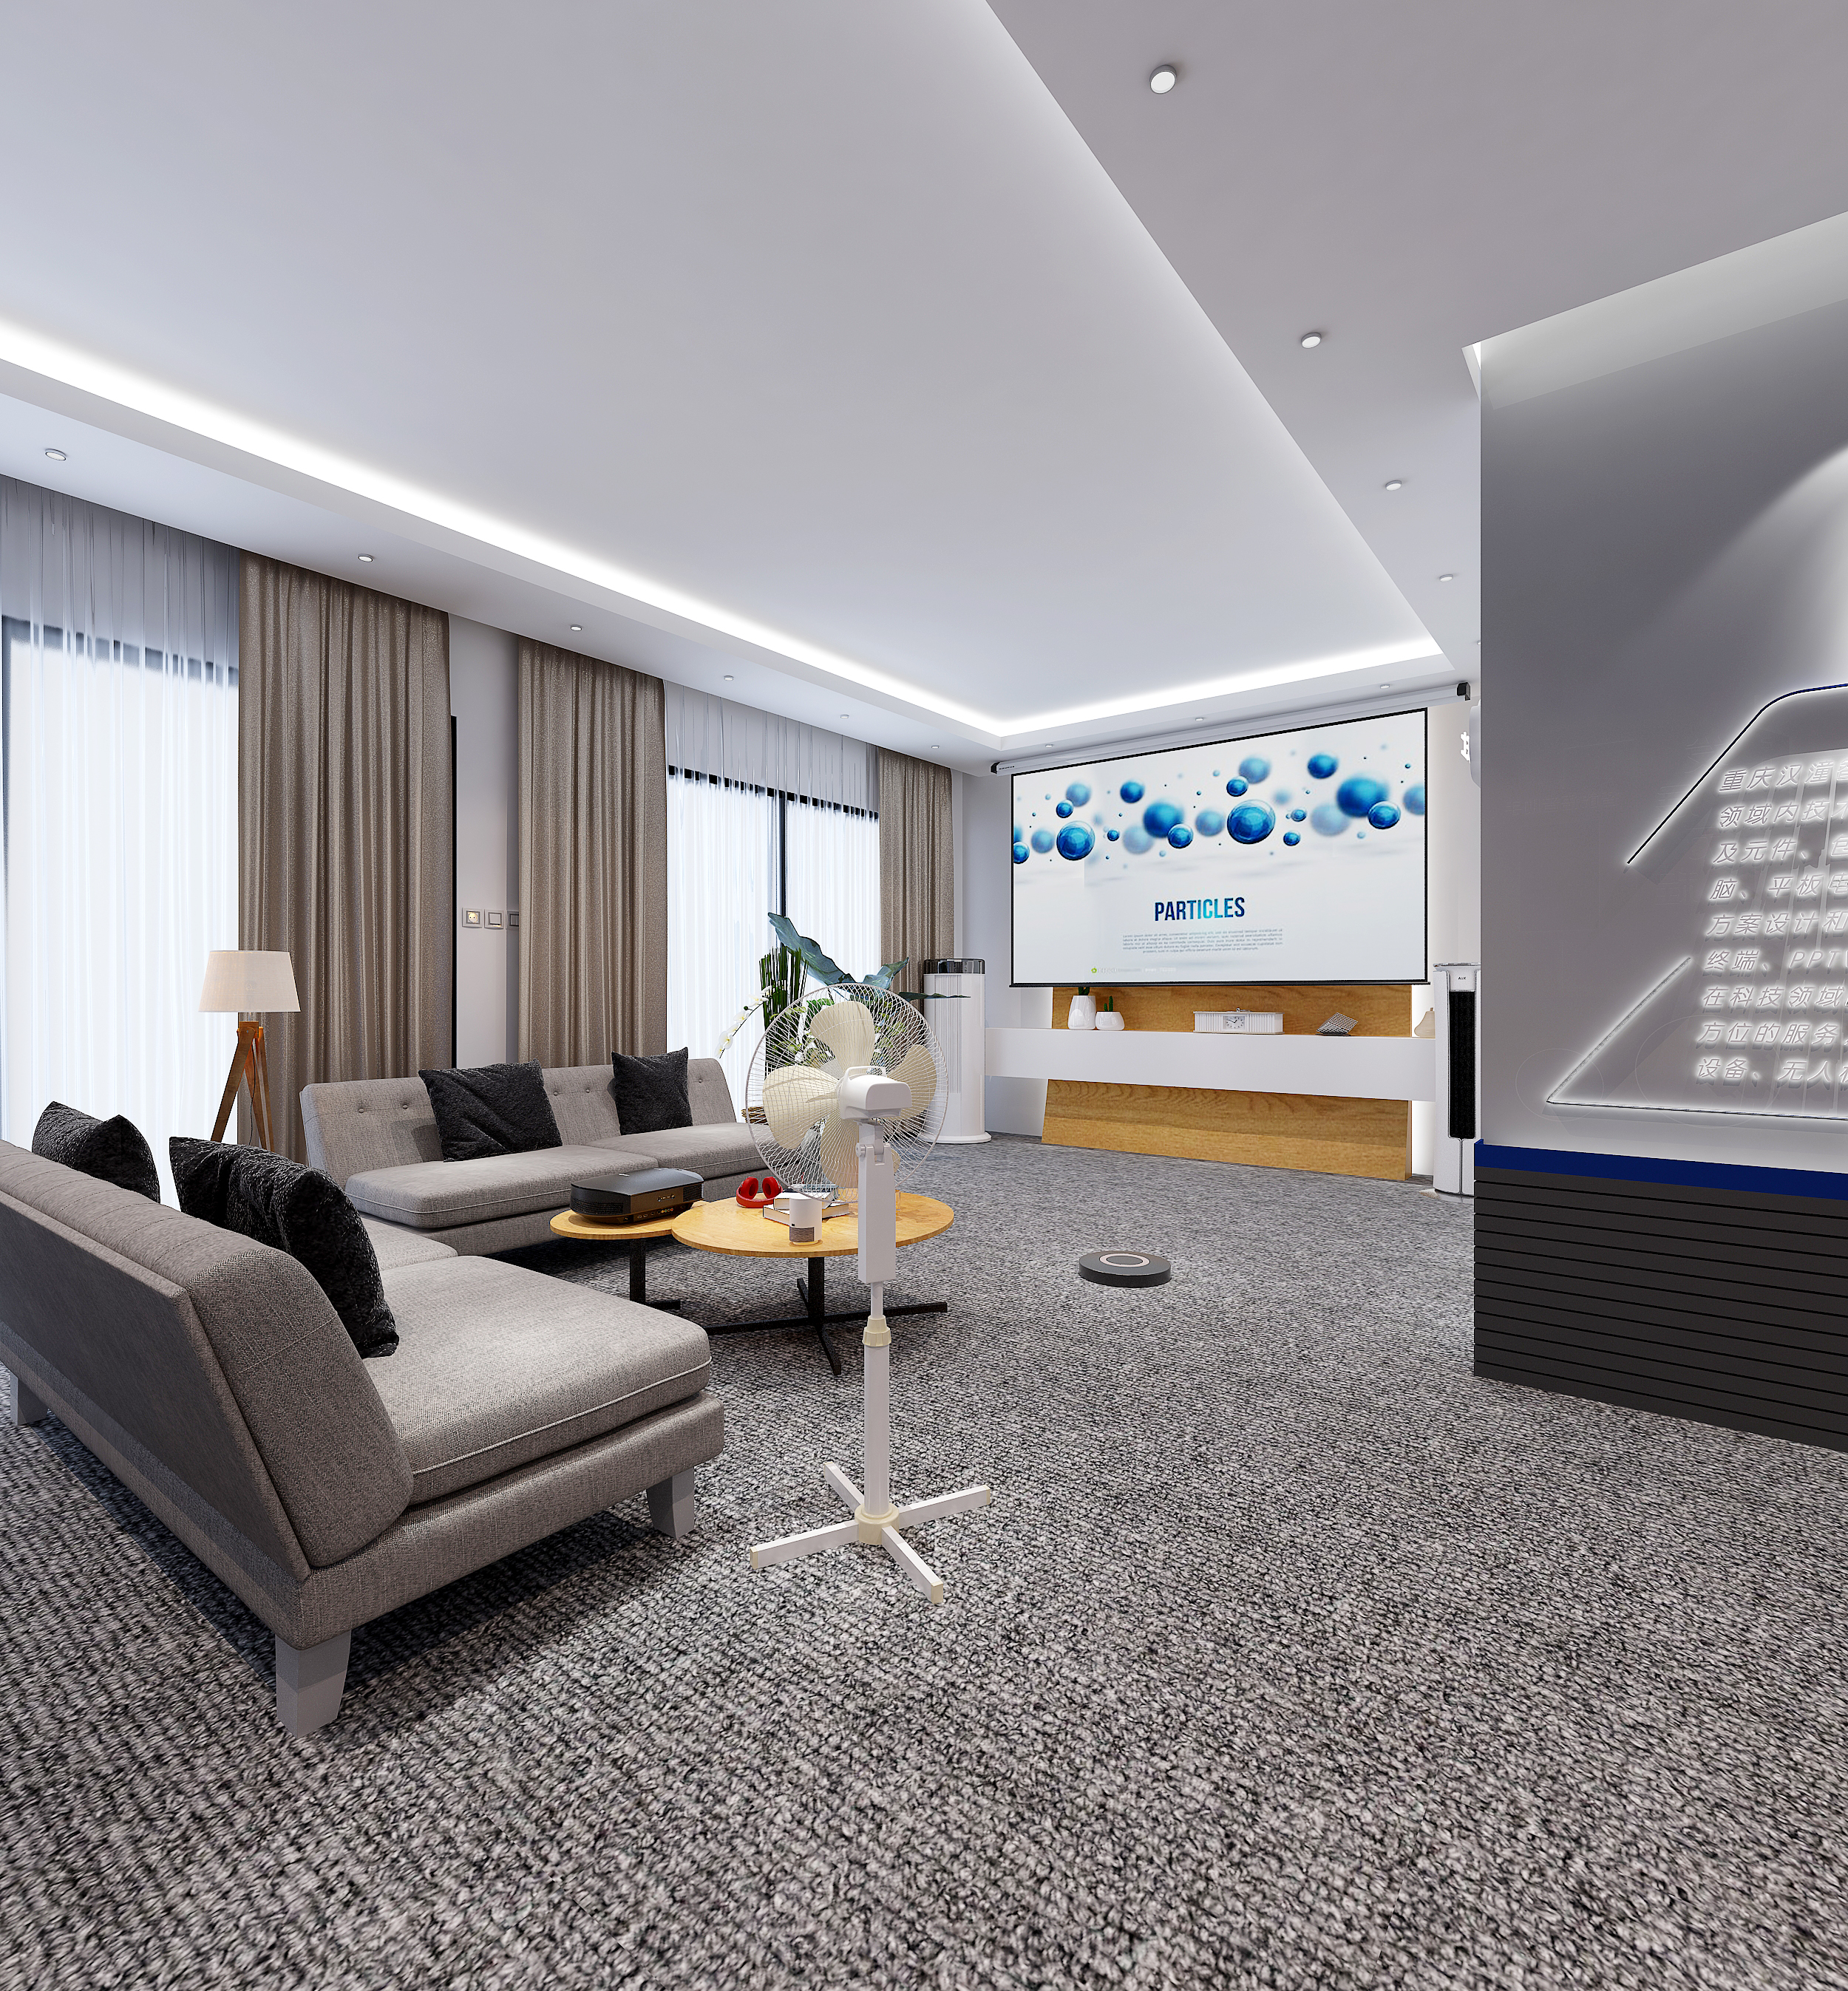 博新设计,智能家居,语音识别,样板间,衣柜橱柜挂板护墙板展厅图片